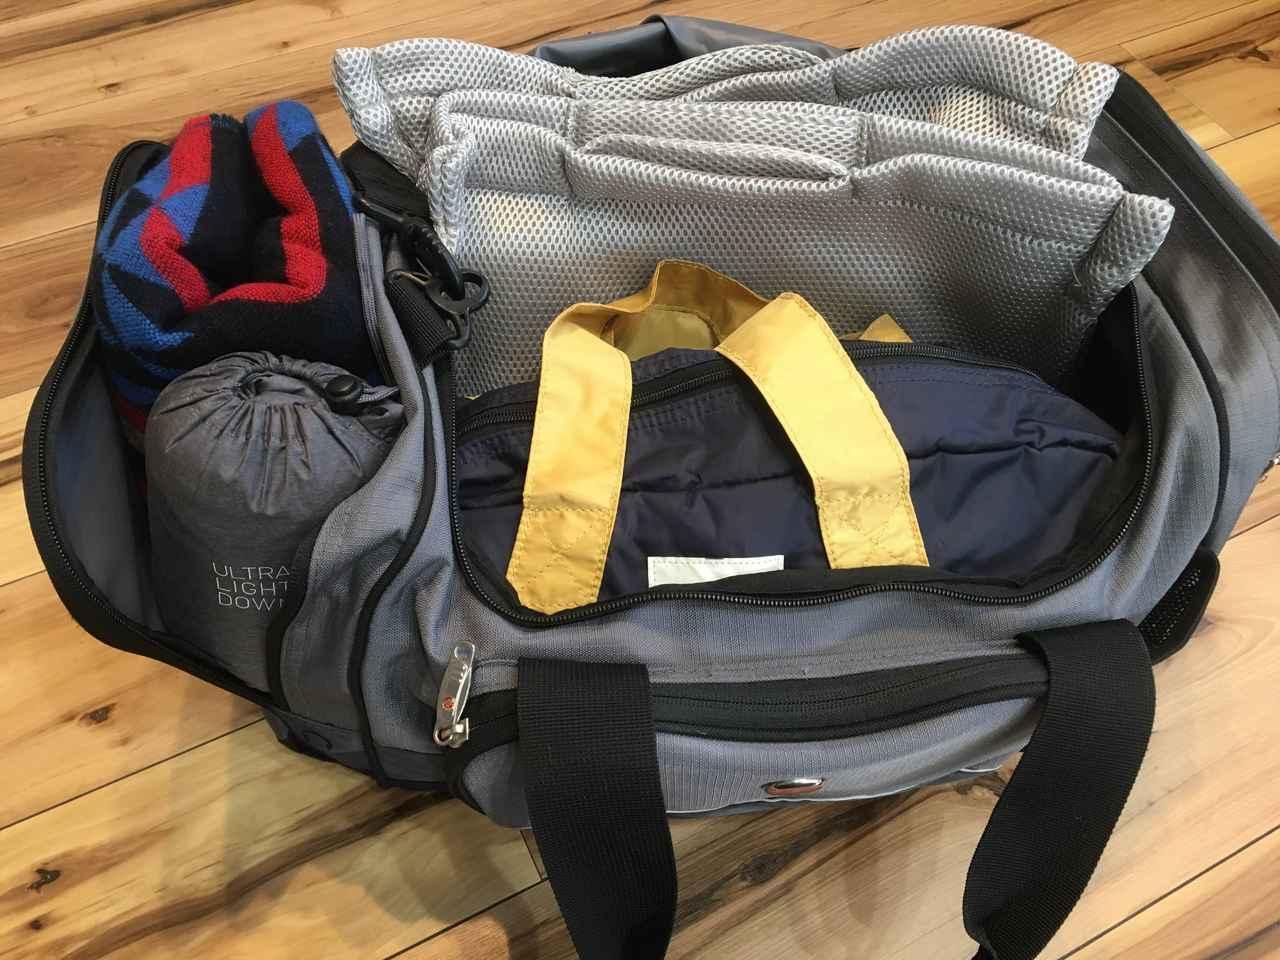 画像: 【キャンプ荷造り】これでキャンプがスムーズに!衣類・洗面用具の裏技メソッドを大公開! - ハピキャン(HAPPY CAMPER)